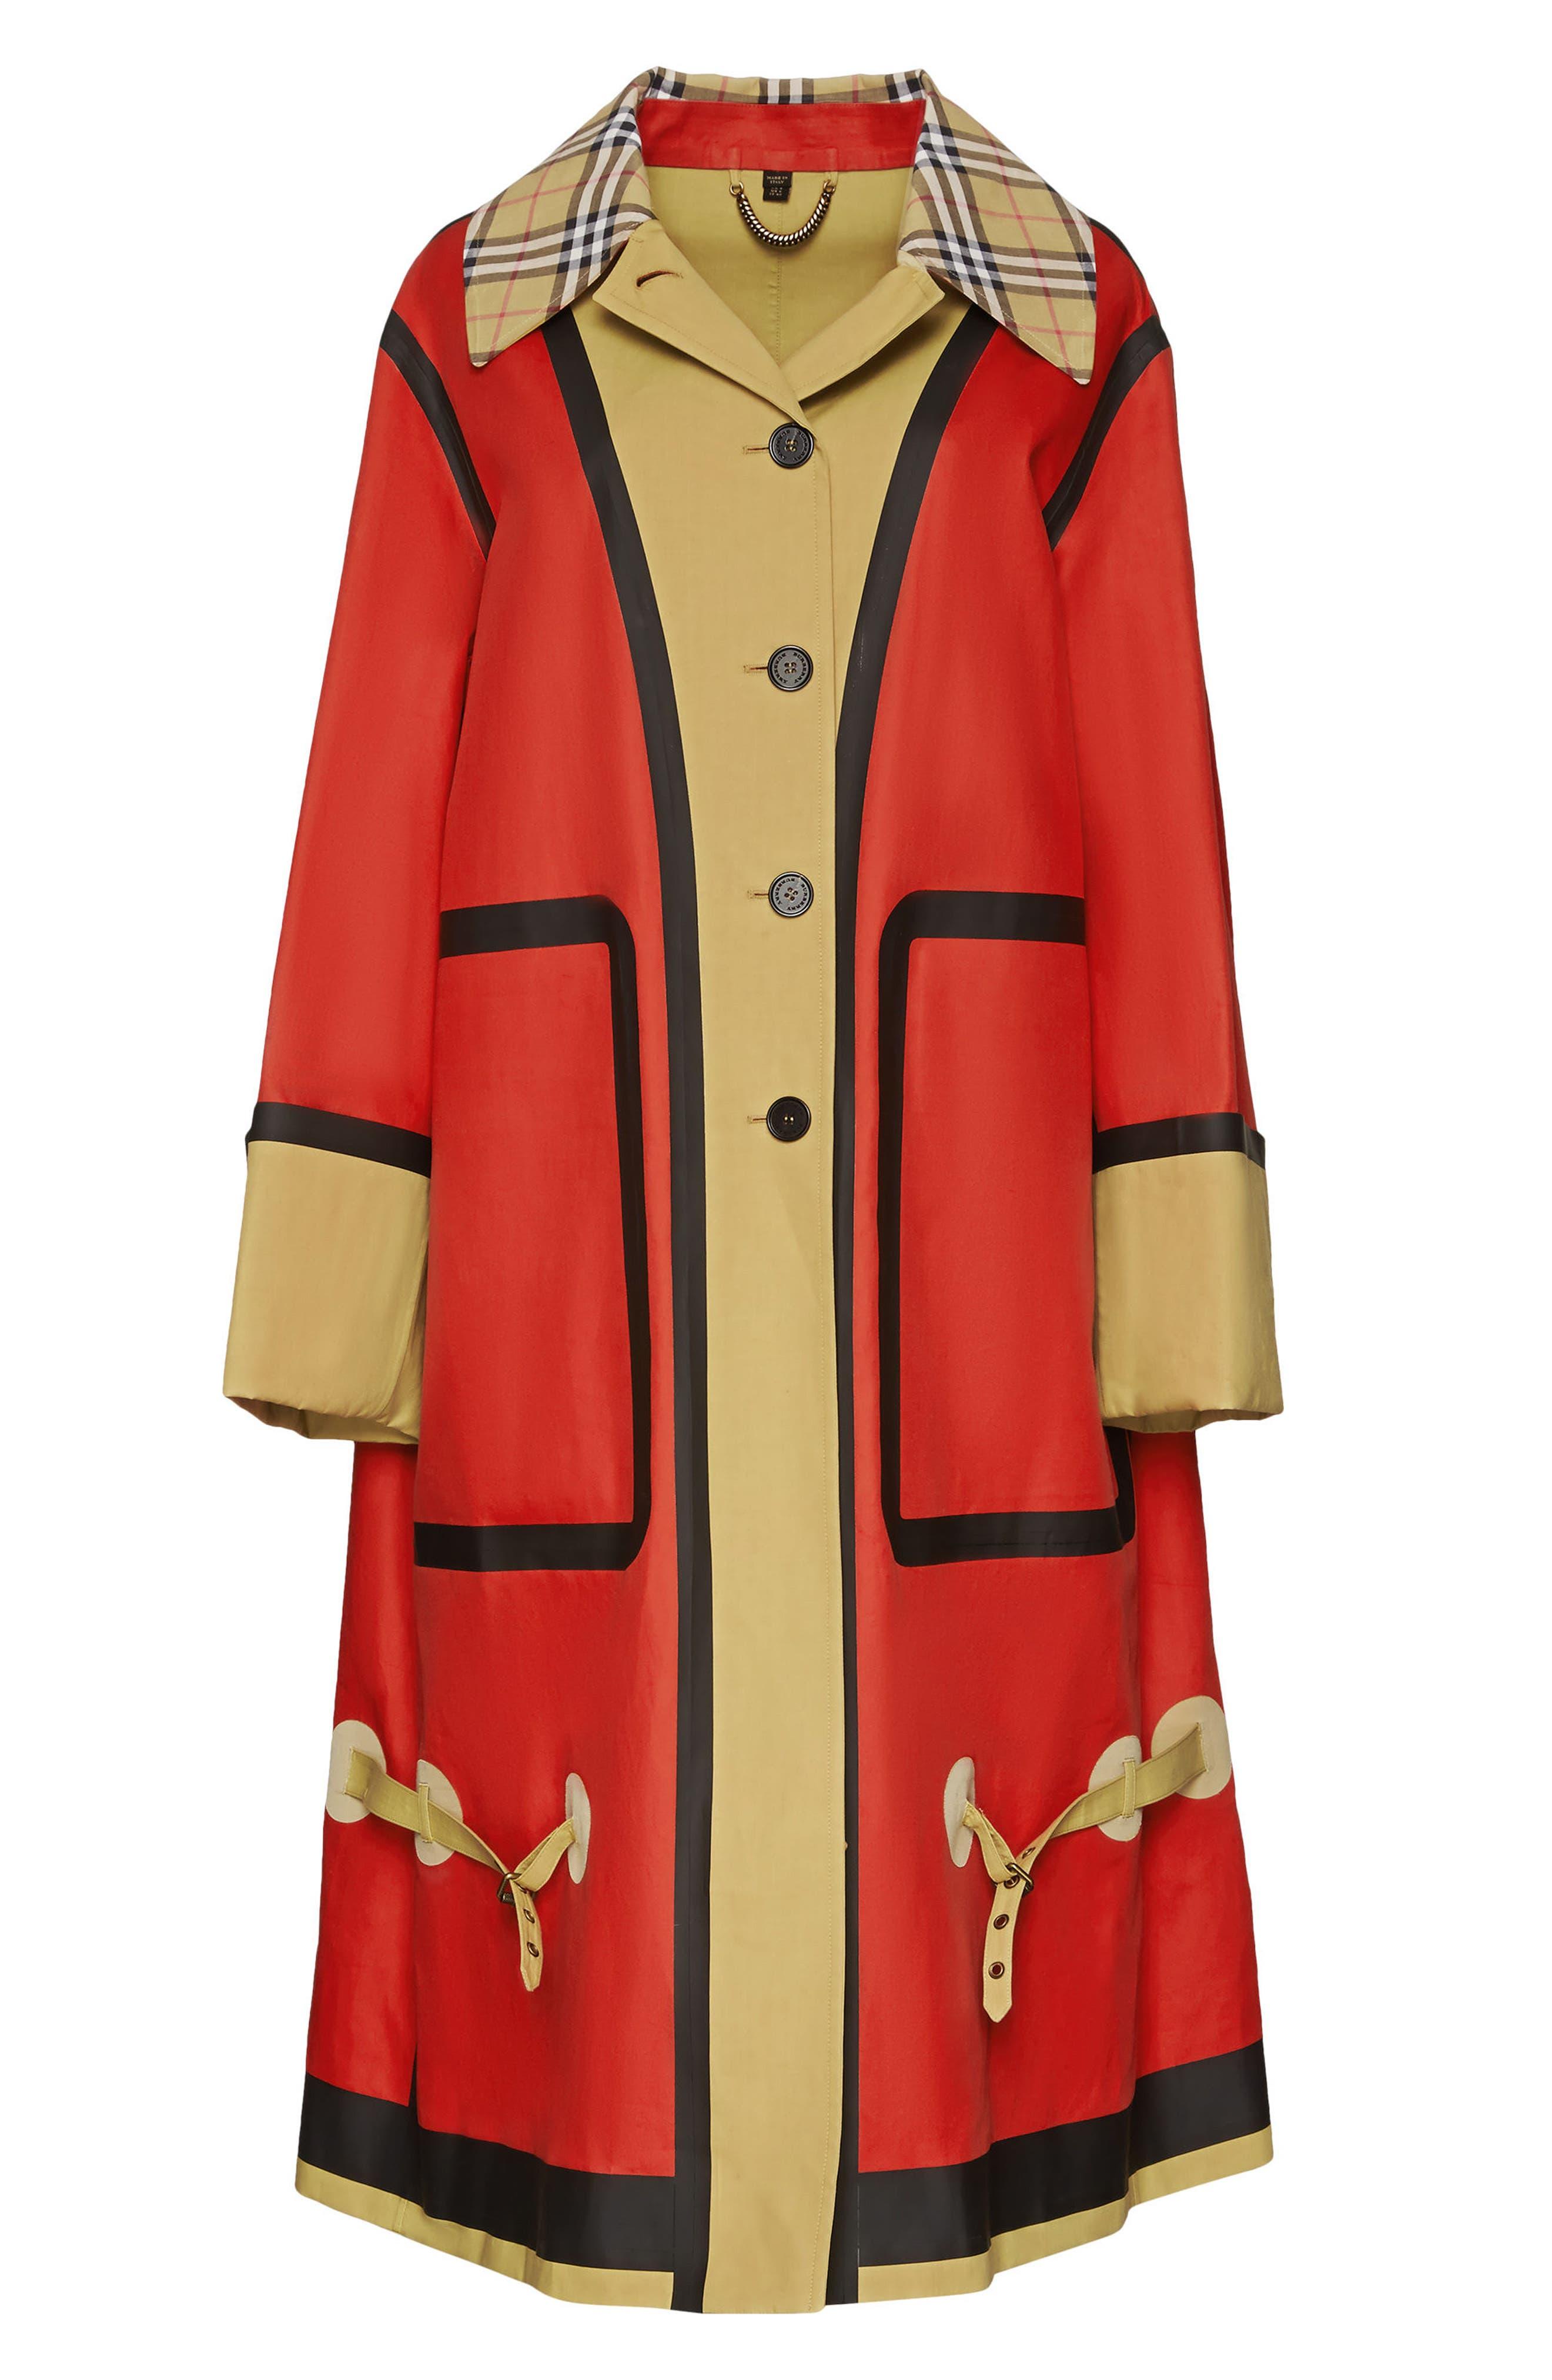 BURBERRY, Colorblock Cotton Car Coat, Alternate thumbnail 5, color, 600